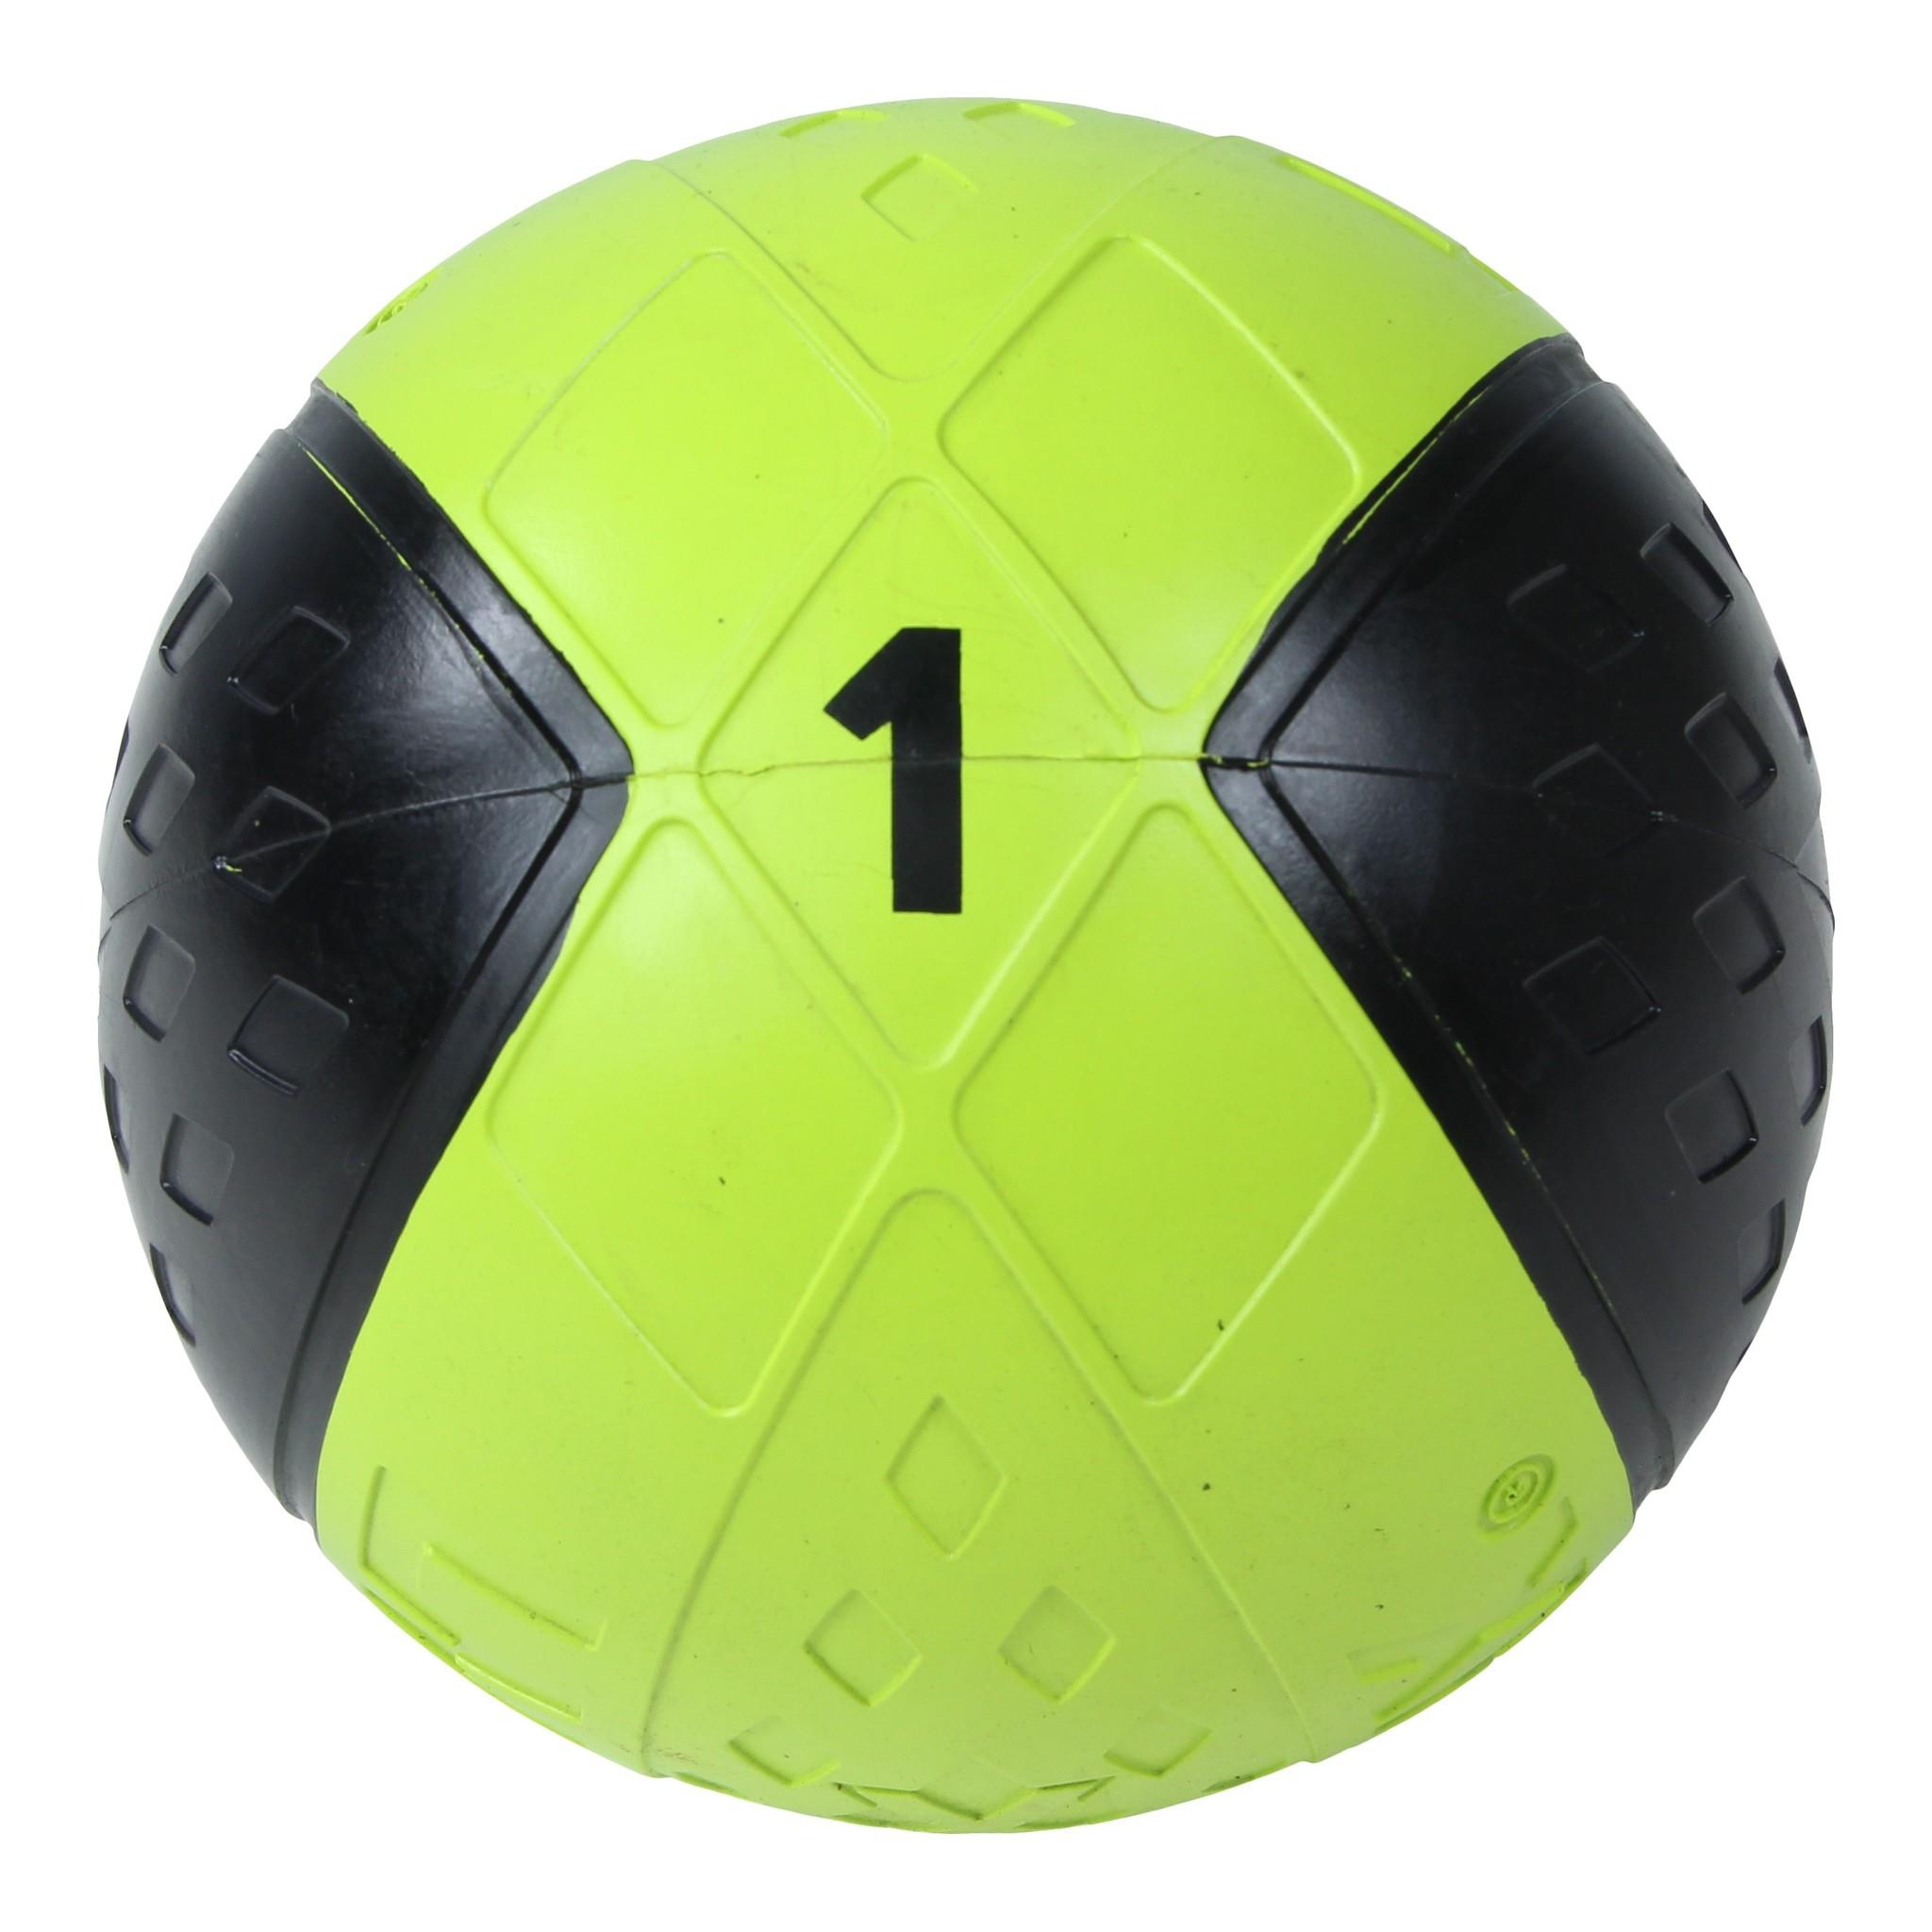 LMX.® LMX1250 LMX. Medicine ball (1 - 5kg)